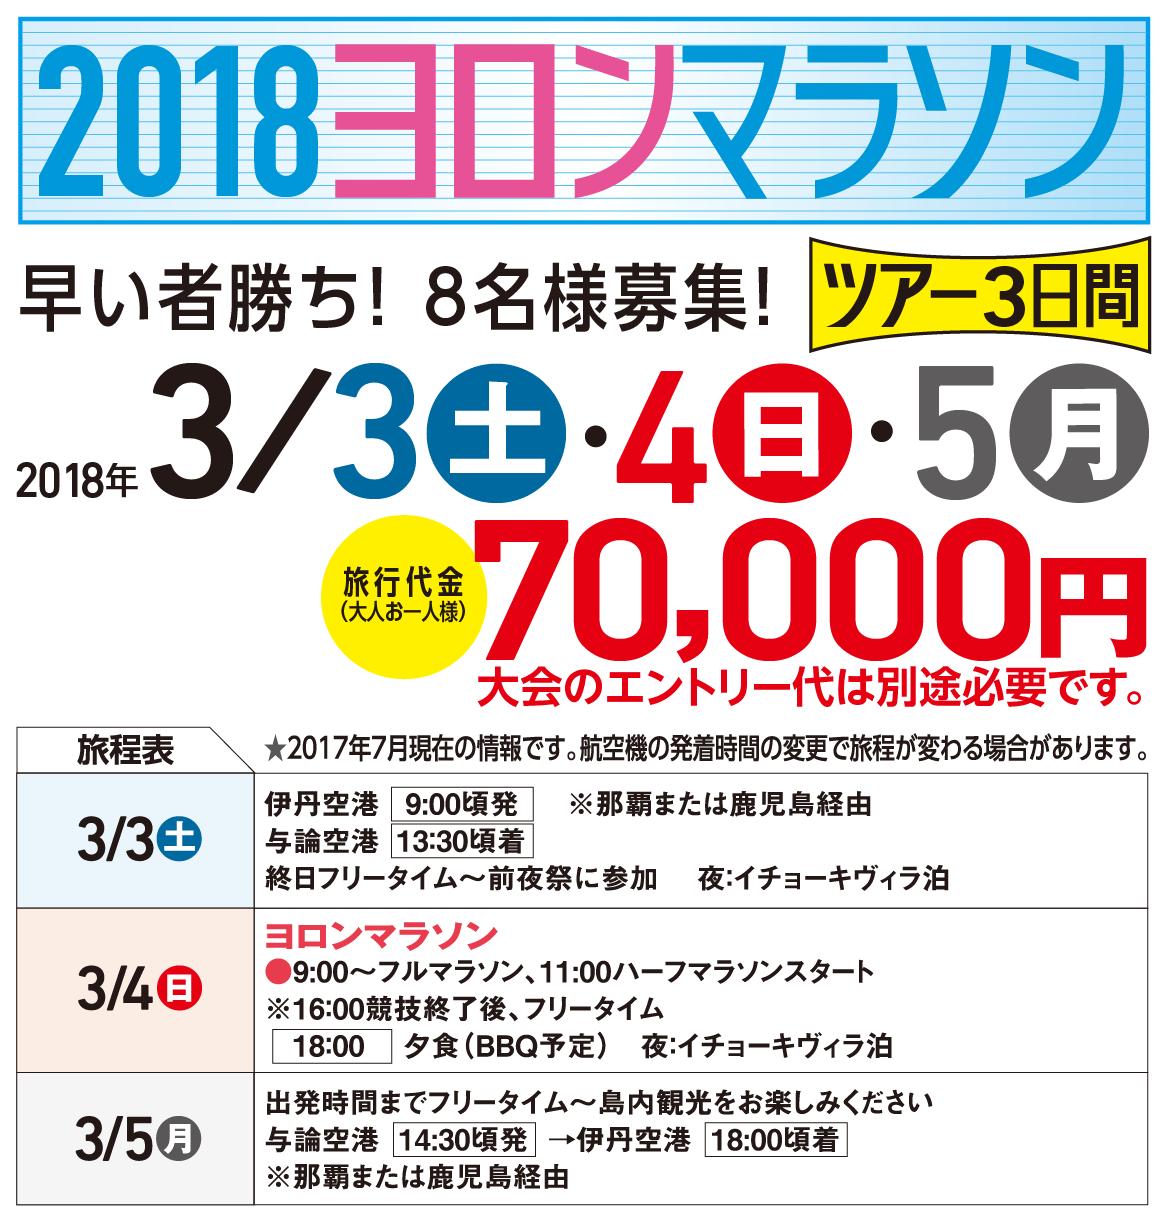 2018ヨロンマラソン